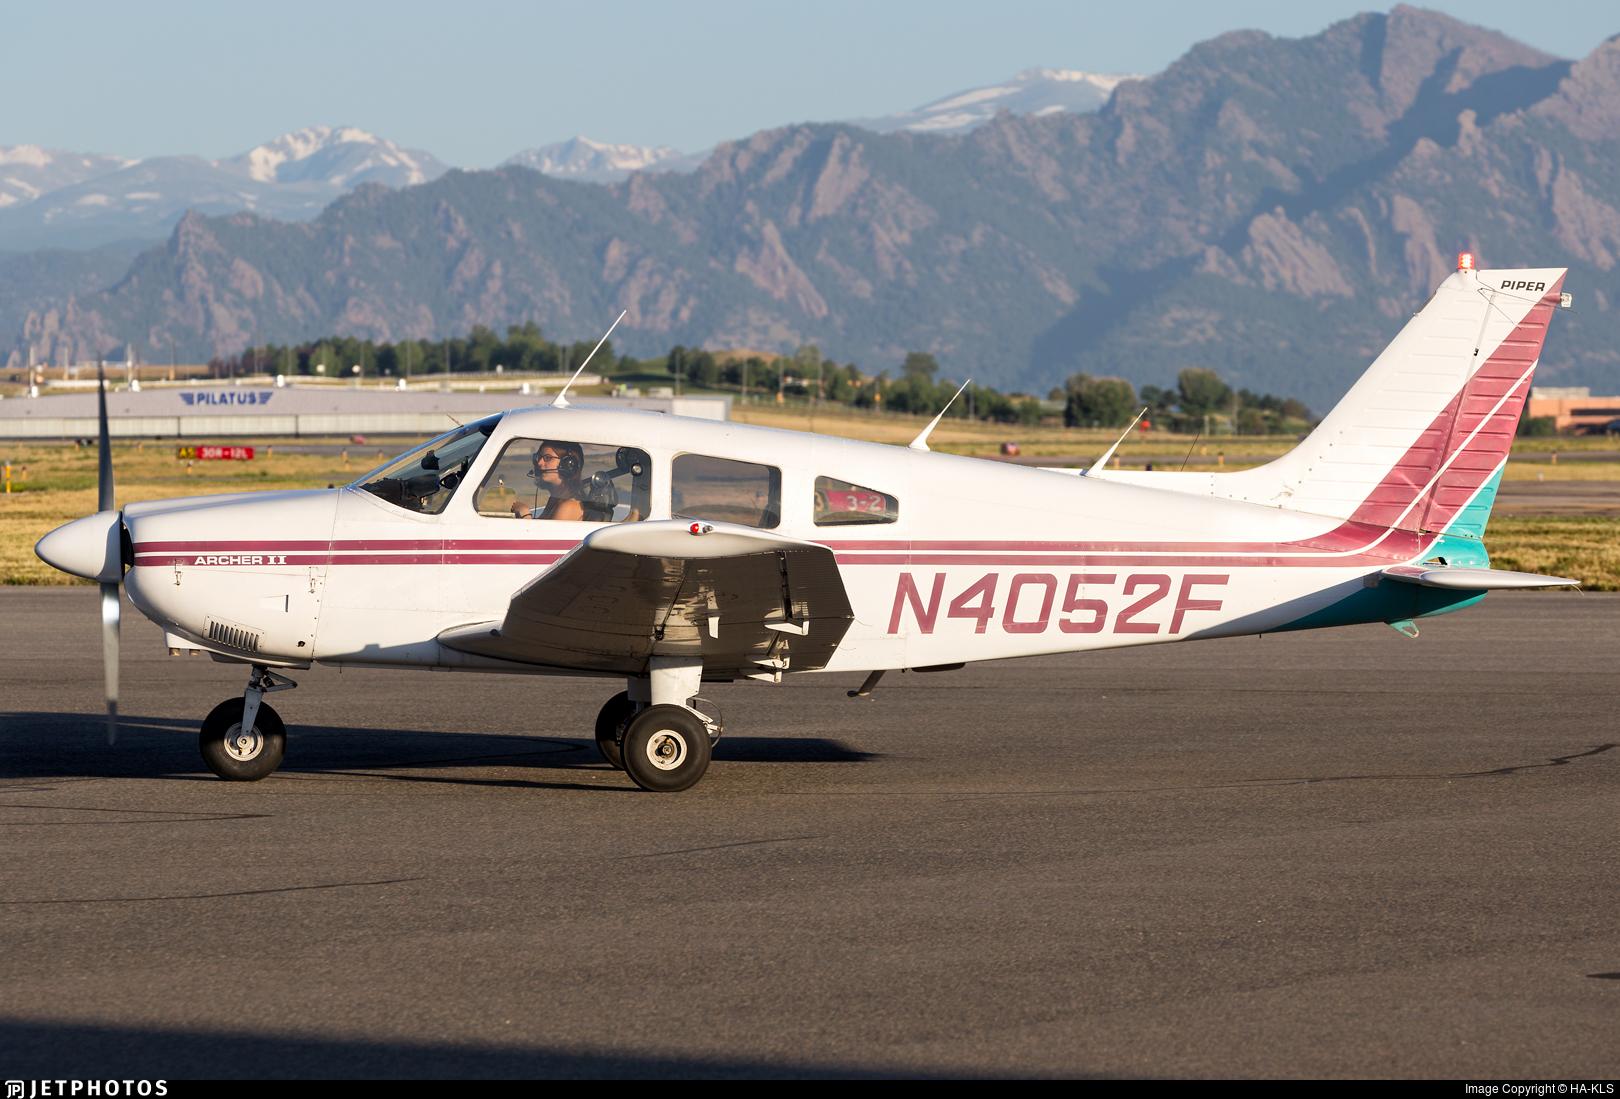 N4052F - Piper PA-28-181 Archer II - Private